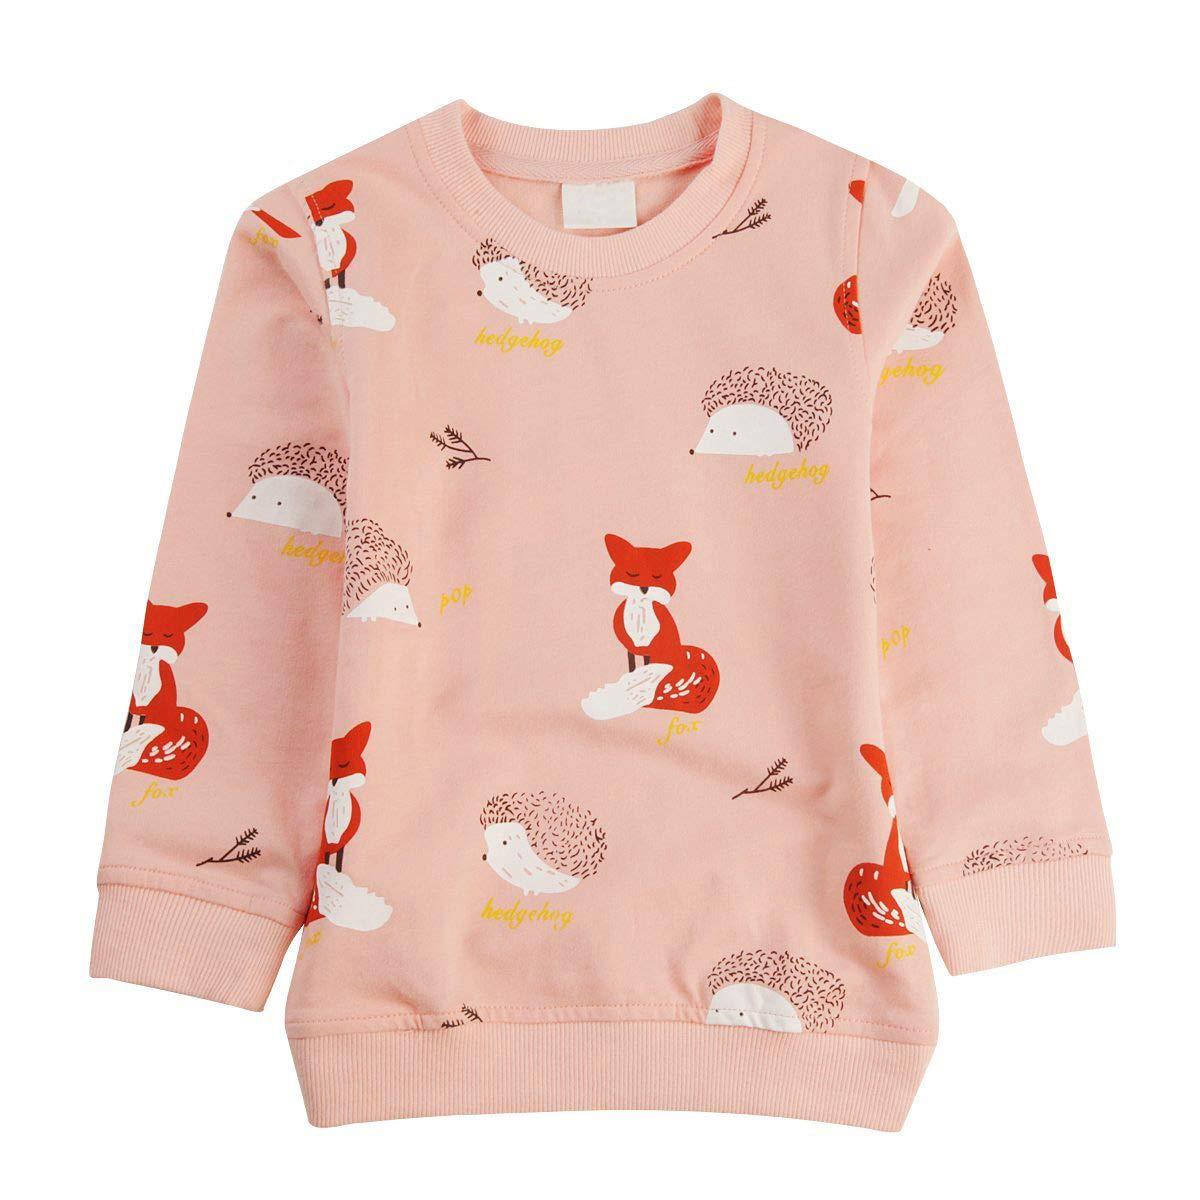 Rjxdlt Little Girls Sweatshirts Cartoon Long Sleeve Cotton Pullover Tops